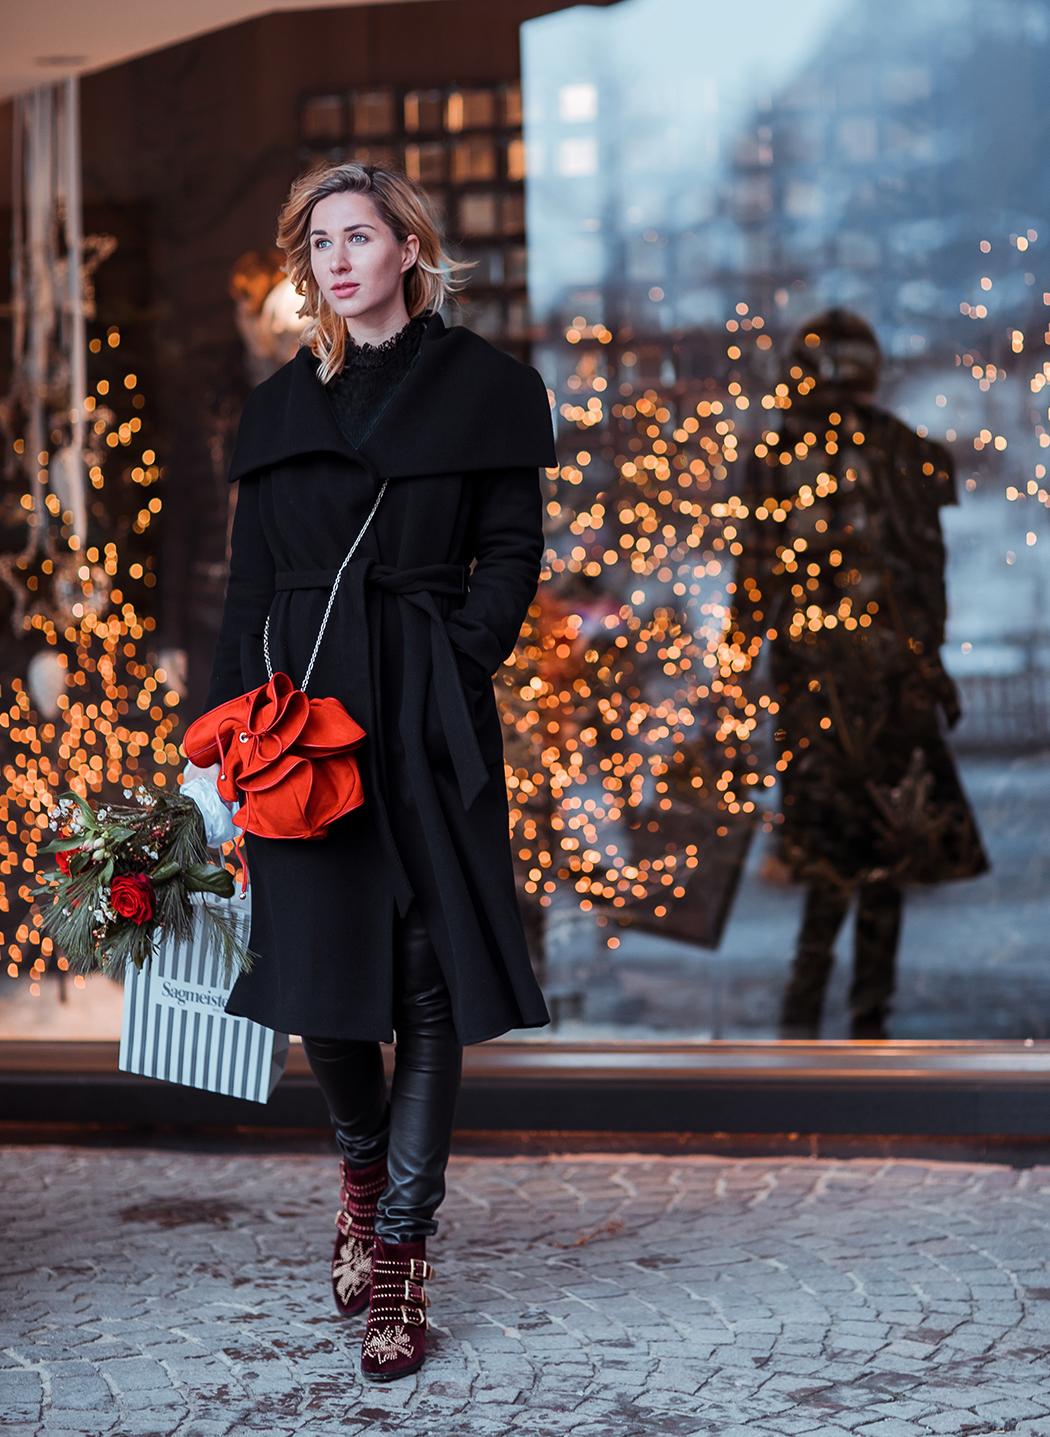 fashionblog-fashionblogger-fashion-blog-blogger-mode-lindarella-stylebop-weihnachten-christmas_01